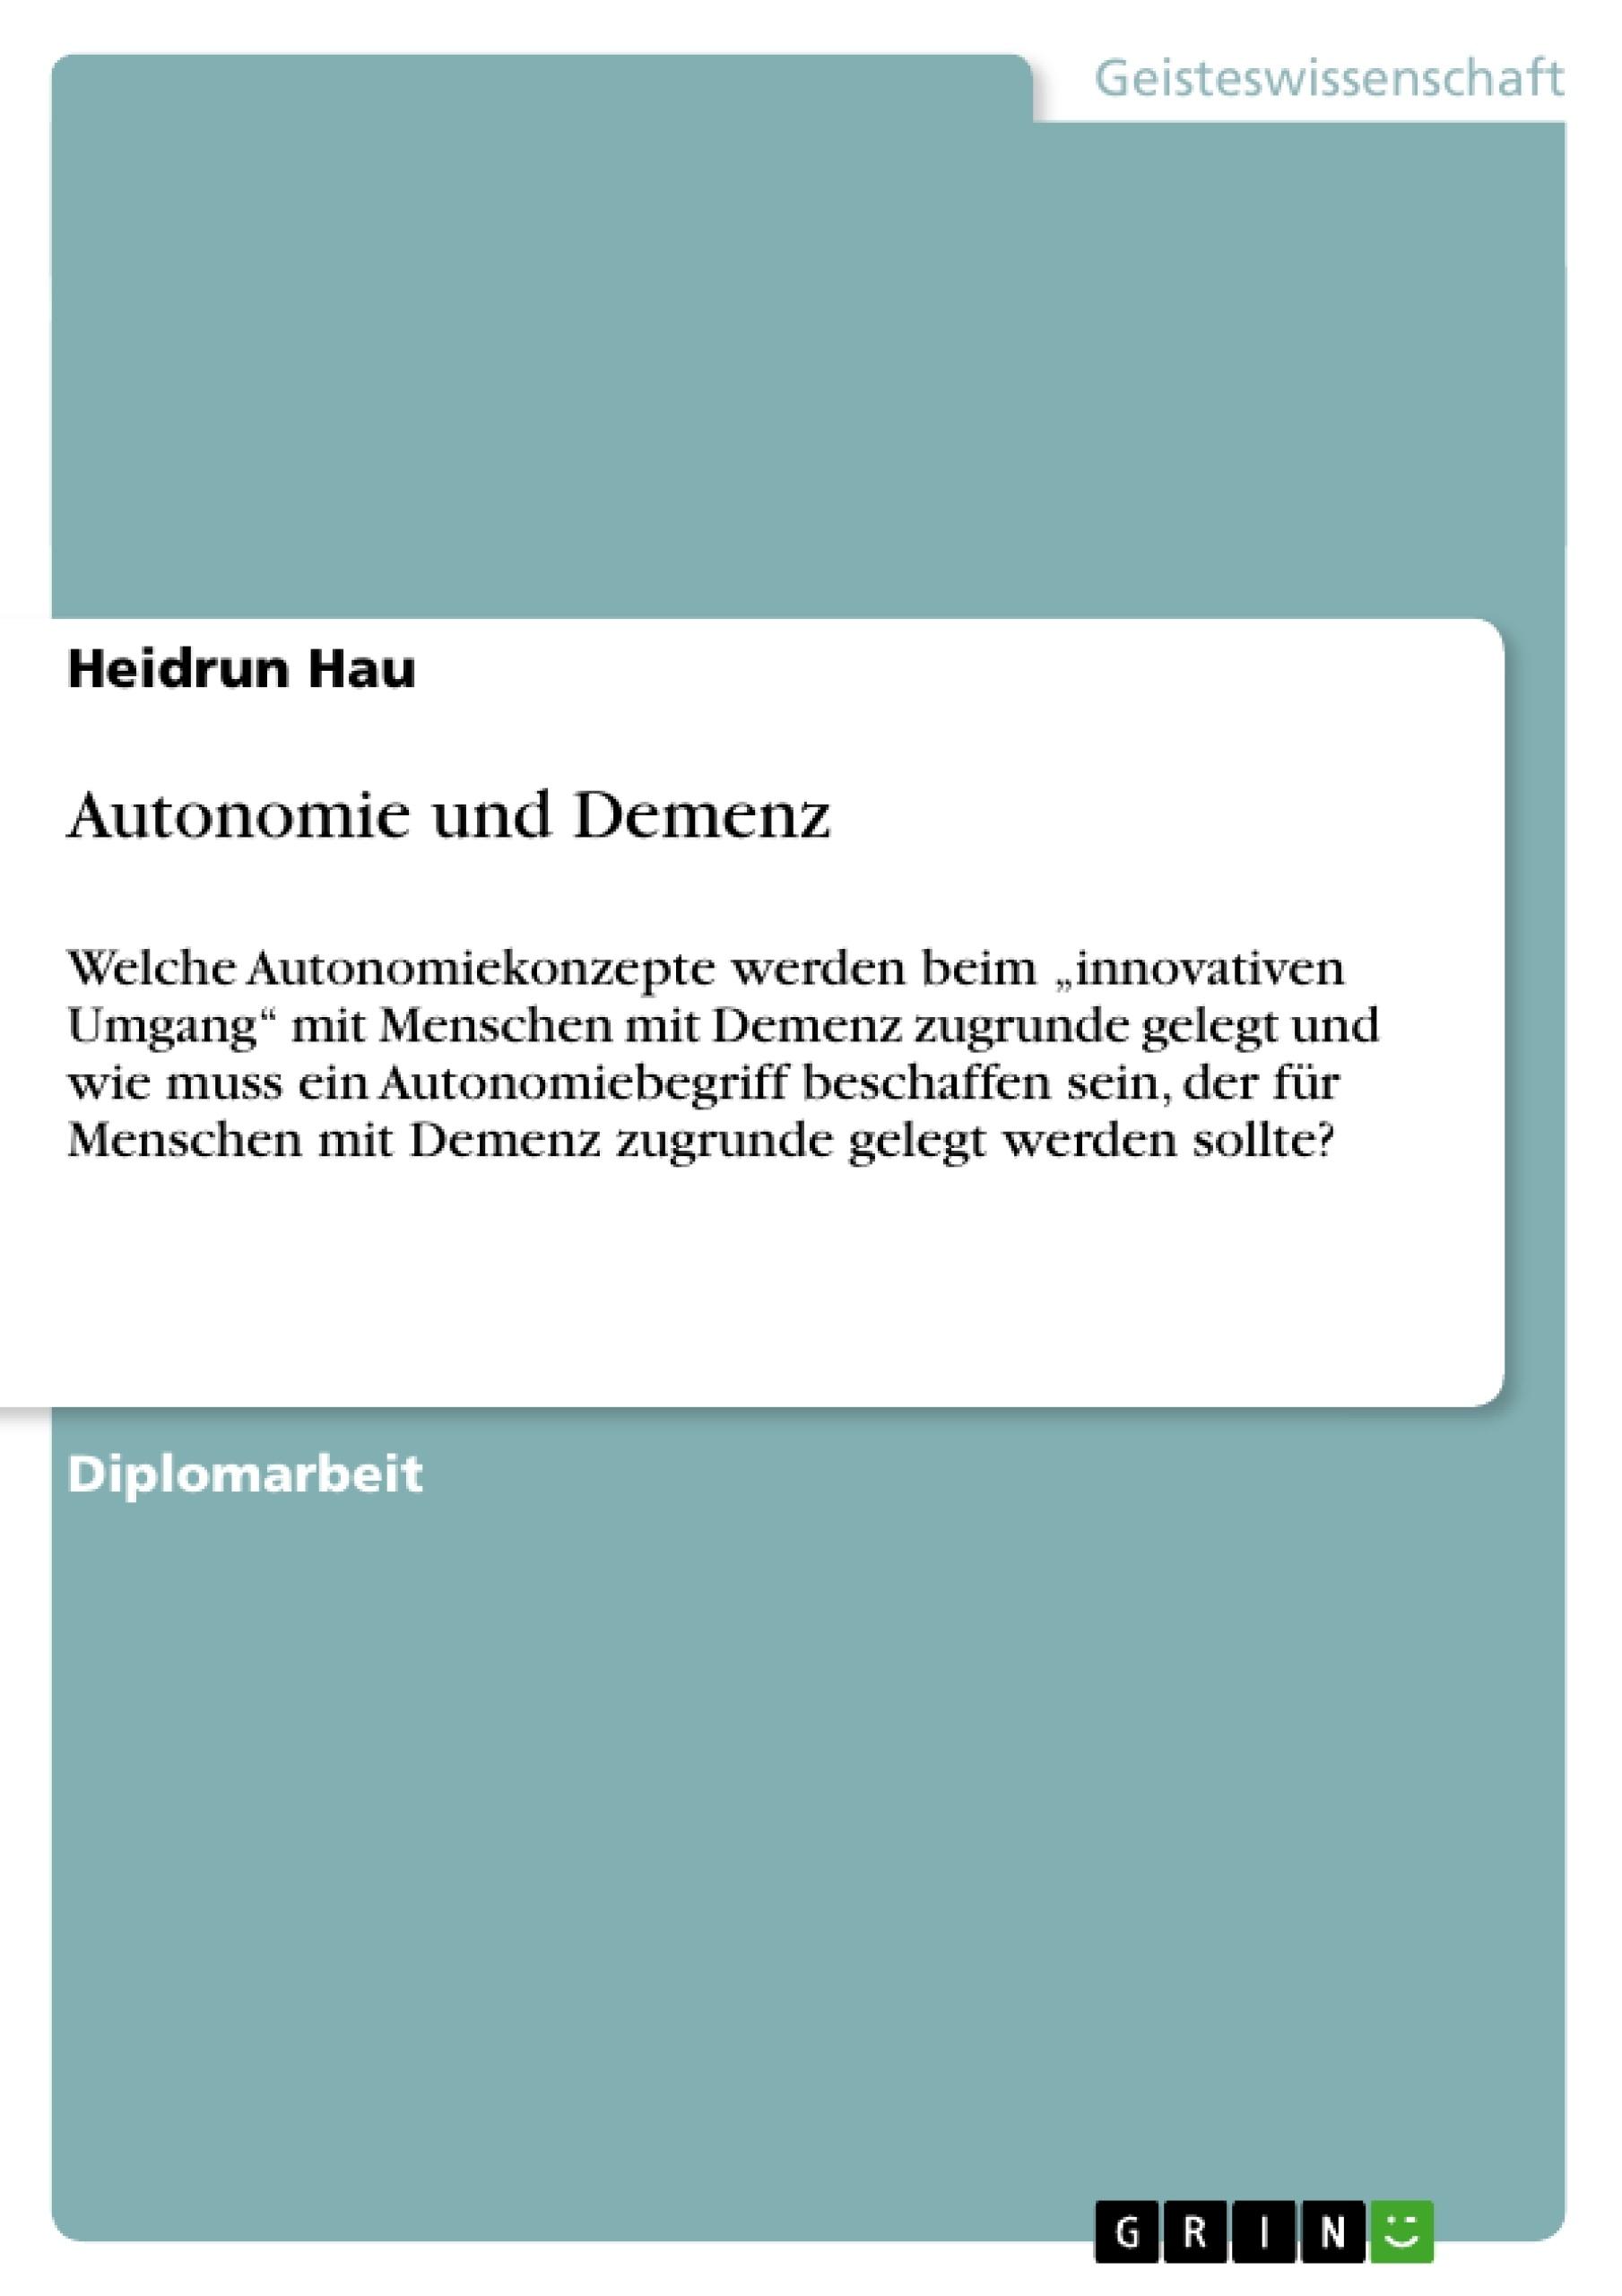 Titel: Autonomie und Demenz